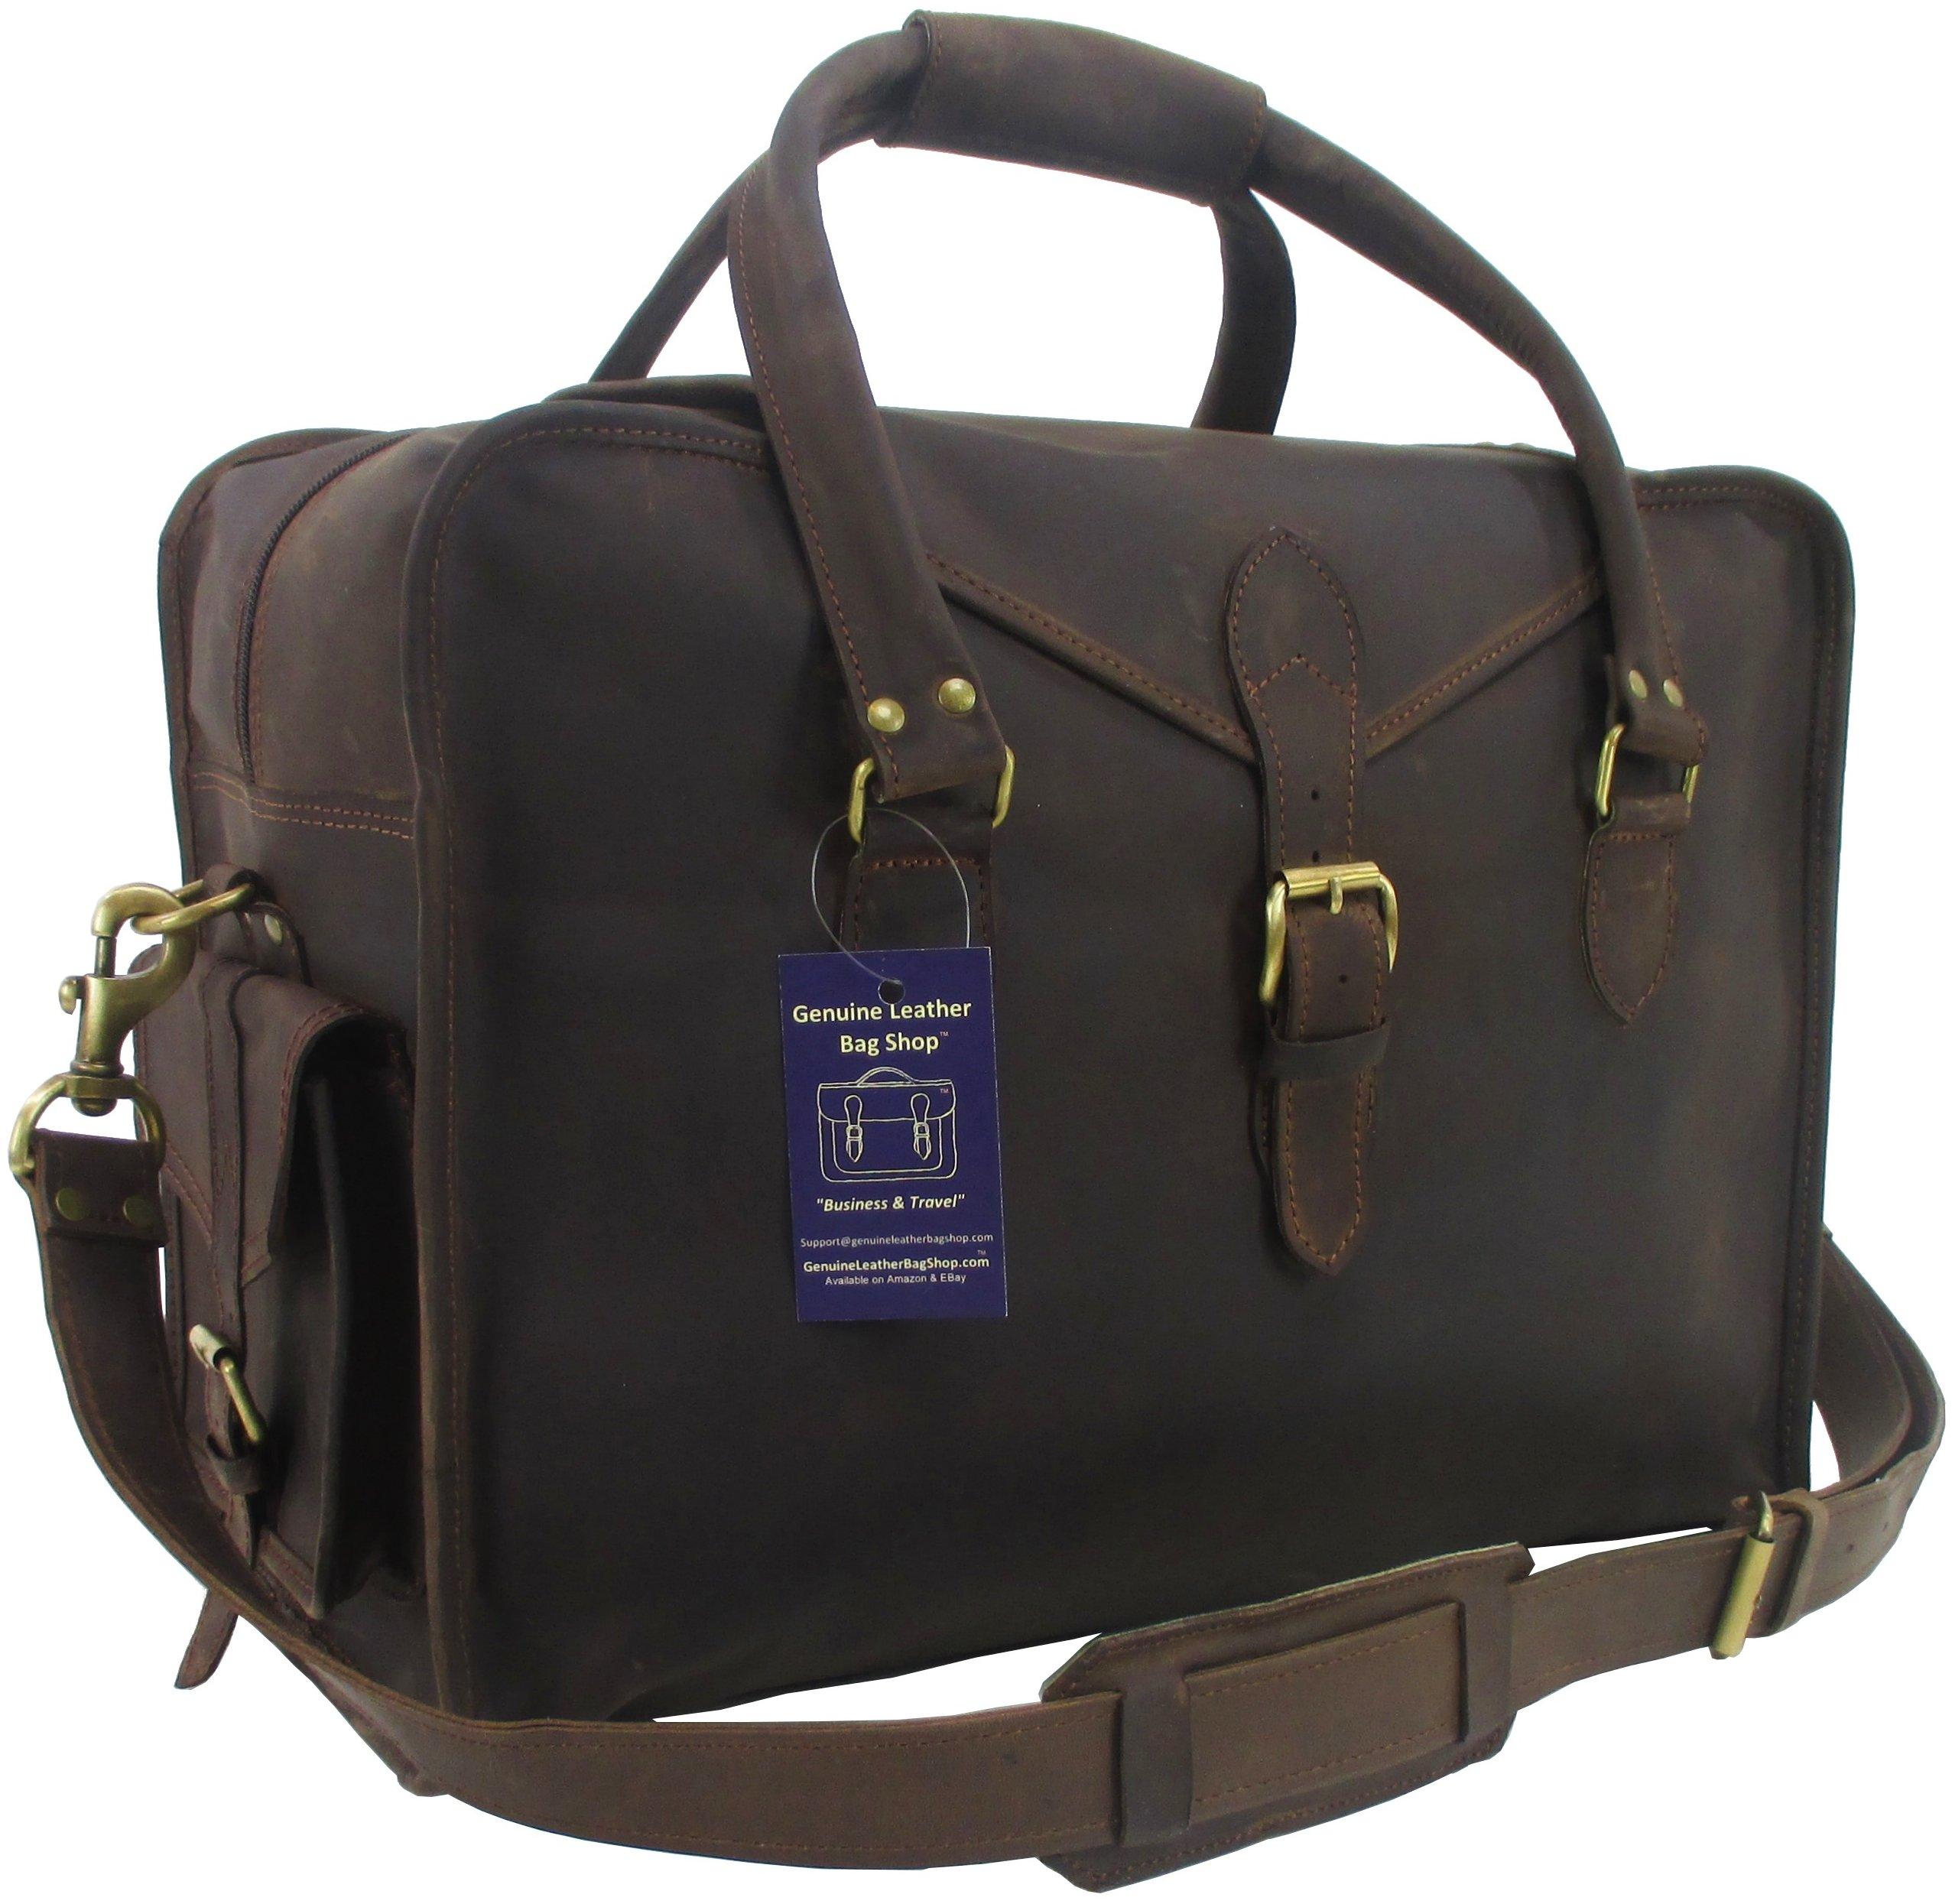 Genuine Leather Bag Shop 19'' Rustic Full Grain Weekender Carry On Suitcase Duffel